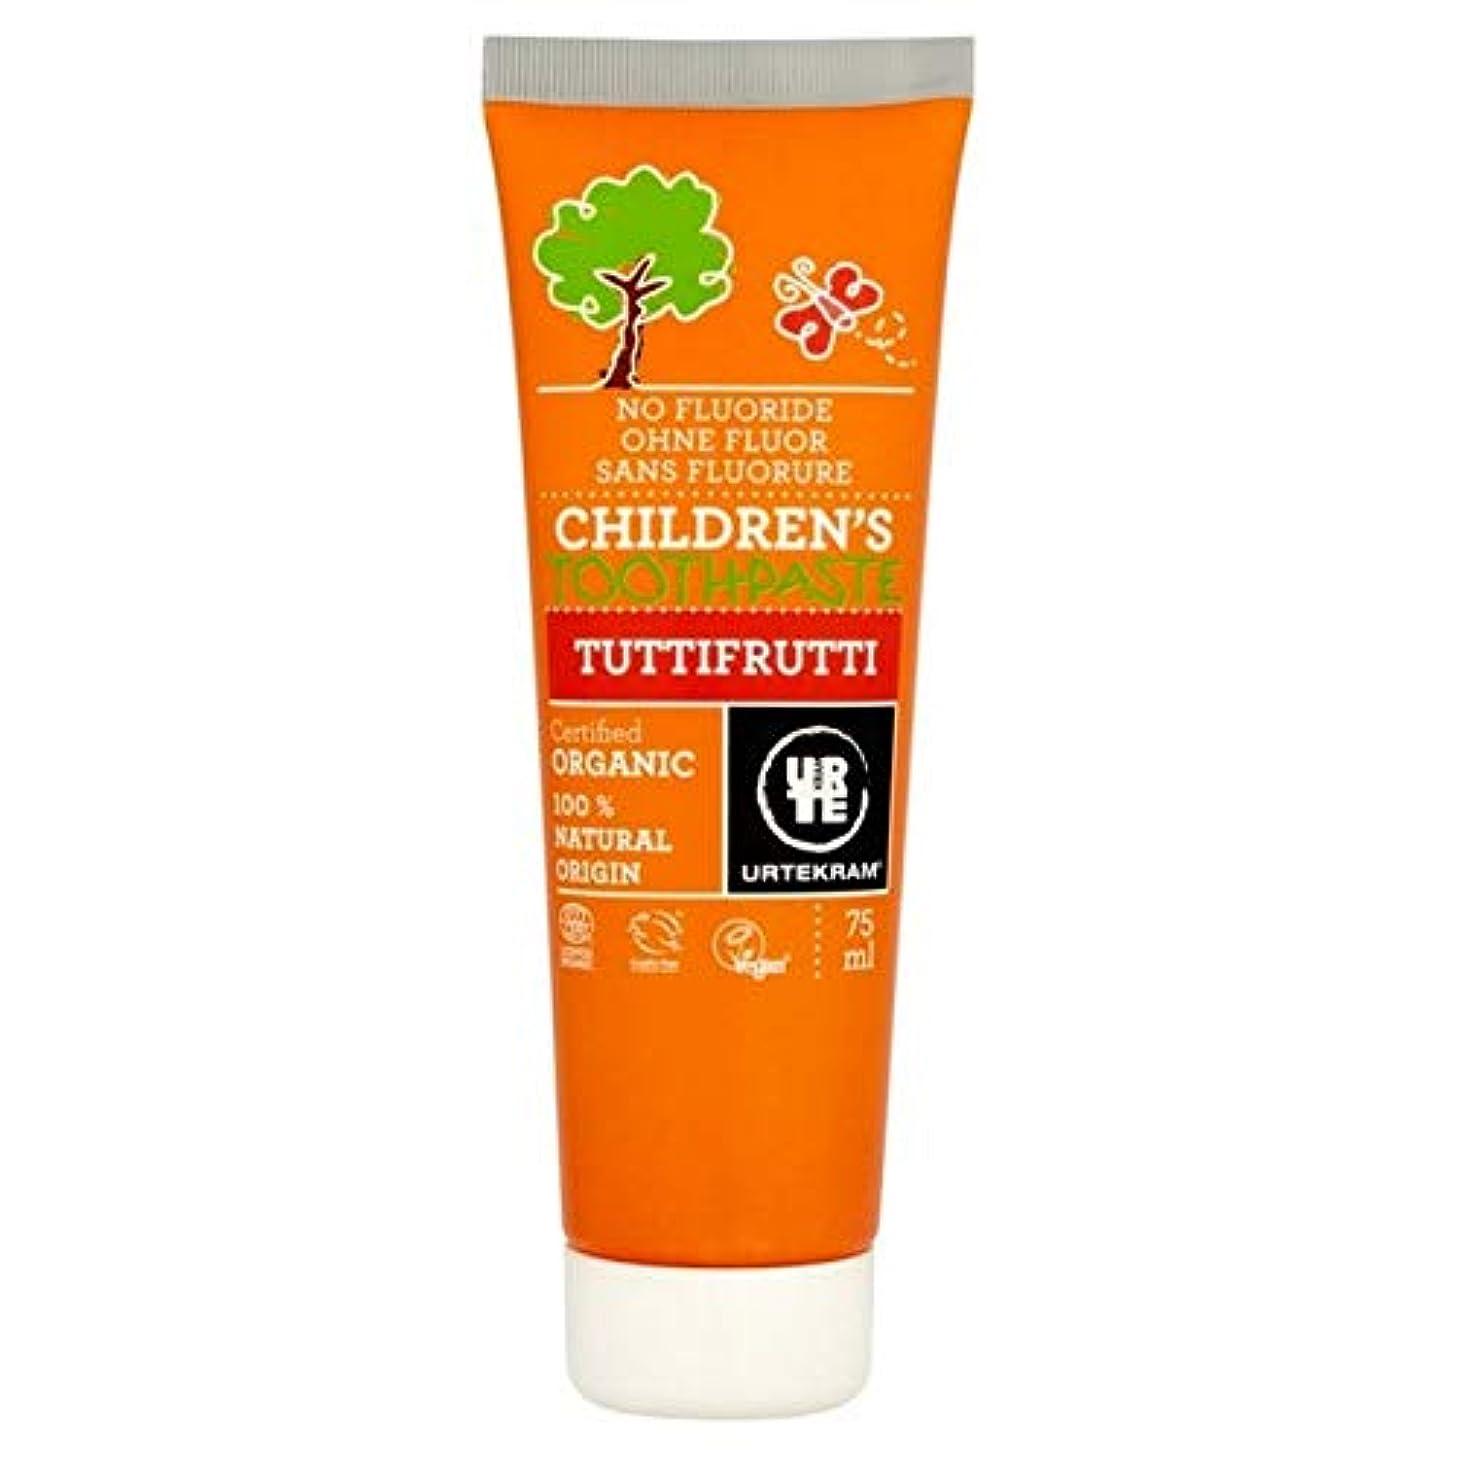 不規則な更新する先史時代の[Urtekram] Urtekram子供のトゥッティフルッティの歯磨き粉75ミリリットル - Urtekram Children's Tutti Frutti Toothpaste 75ml [並行輸入品]